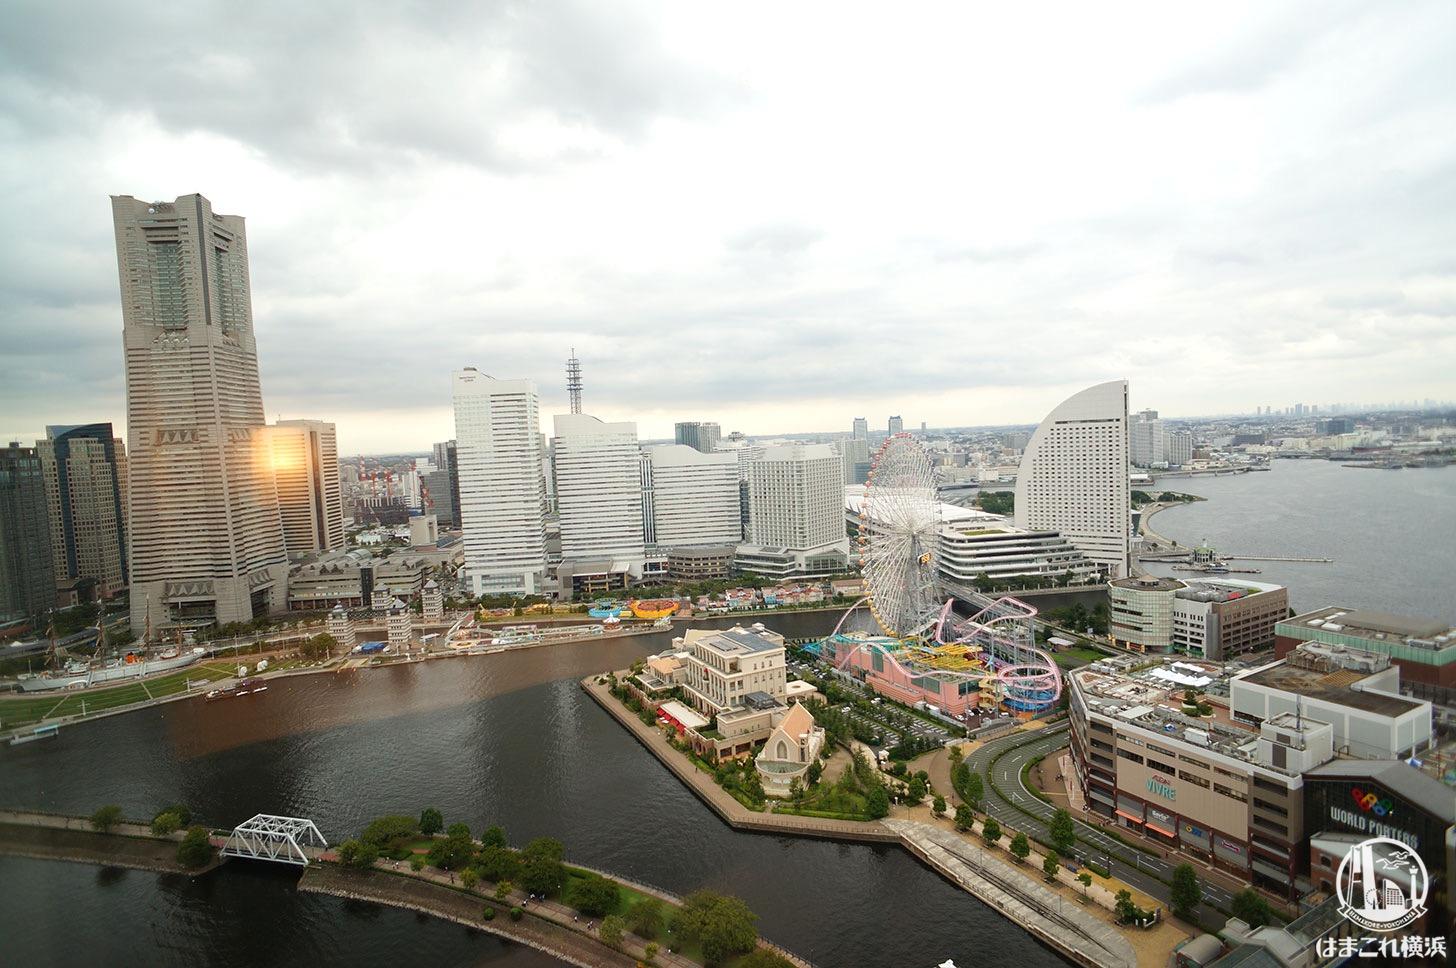 アパホテル&リゾート 横浜ベイタワー「コーナーツインルーム(みなとみらい側)」から見たみなとみらいの景色